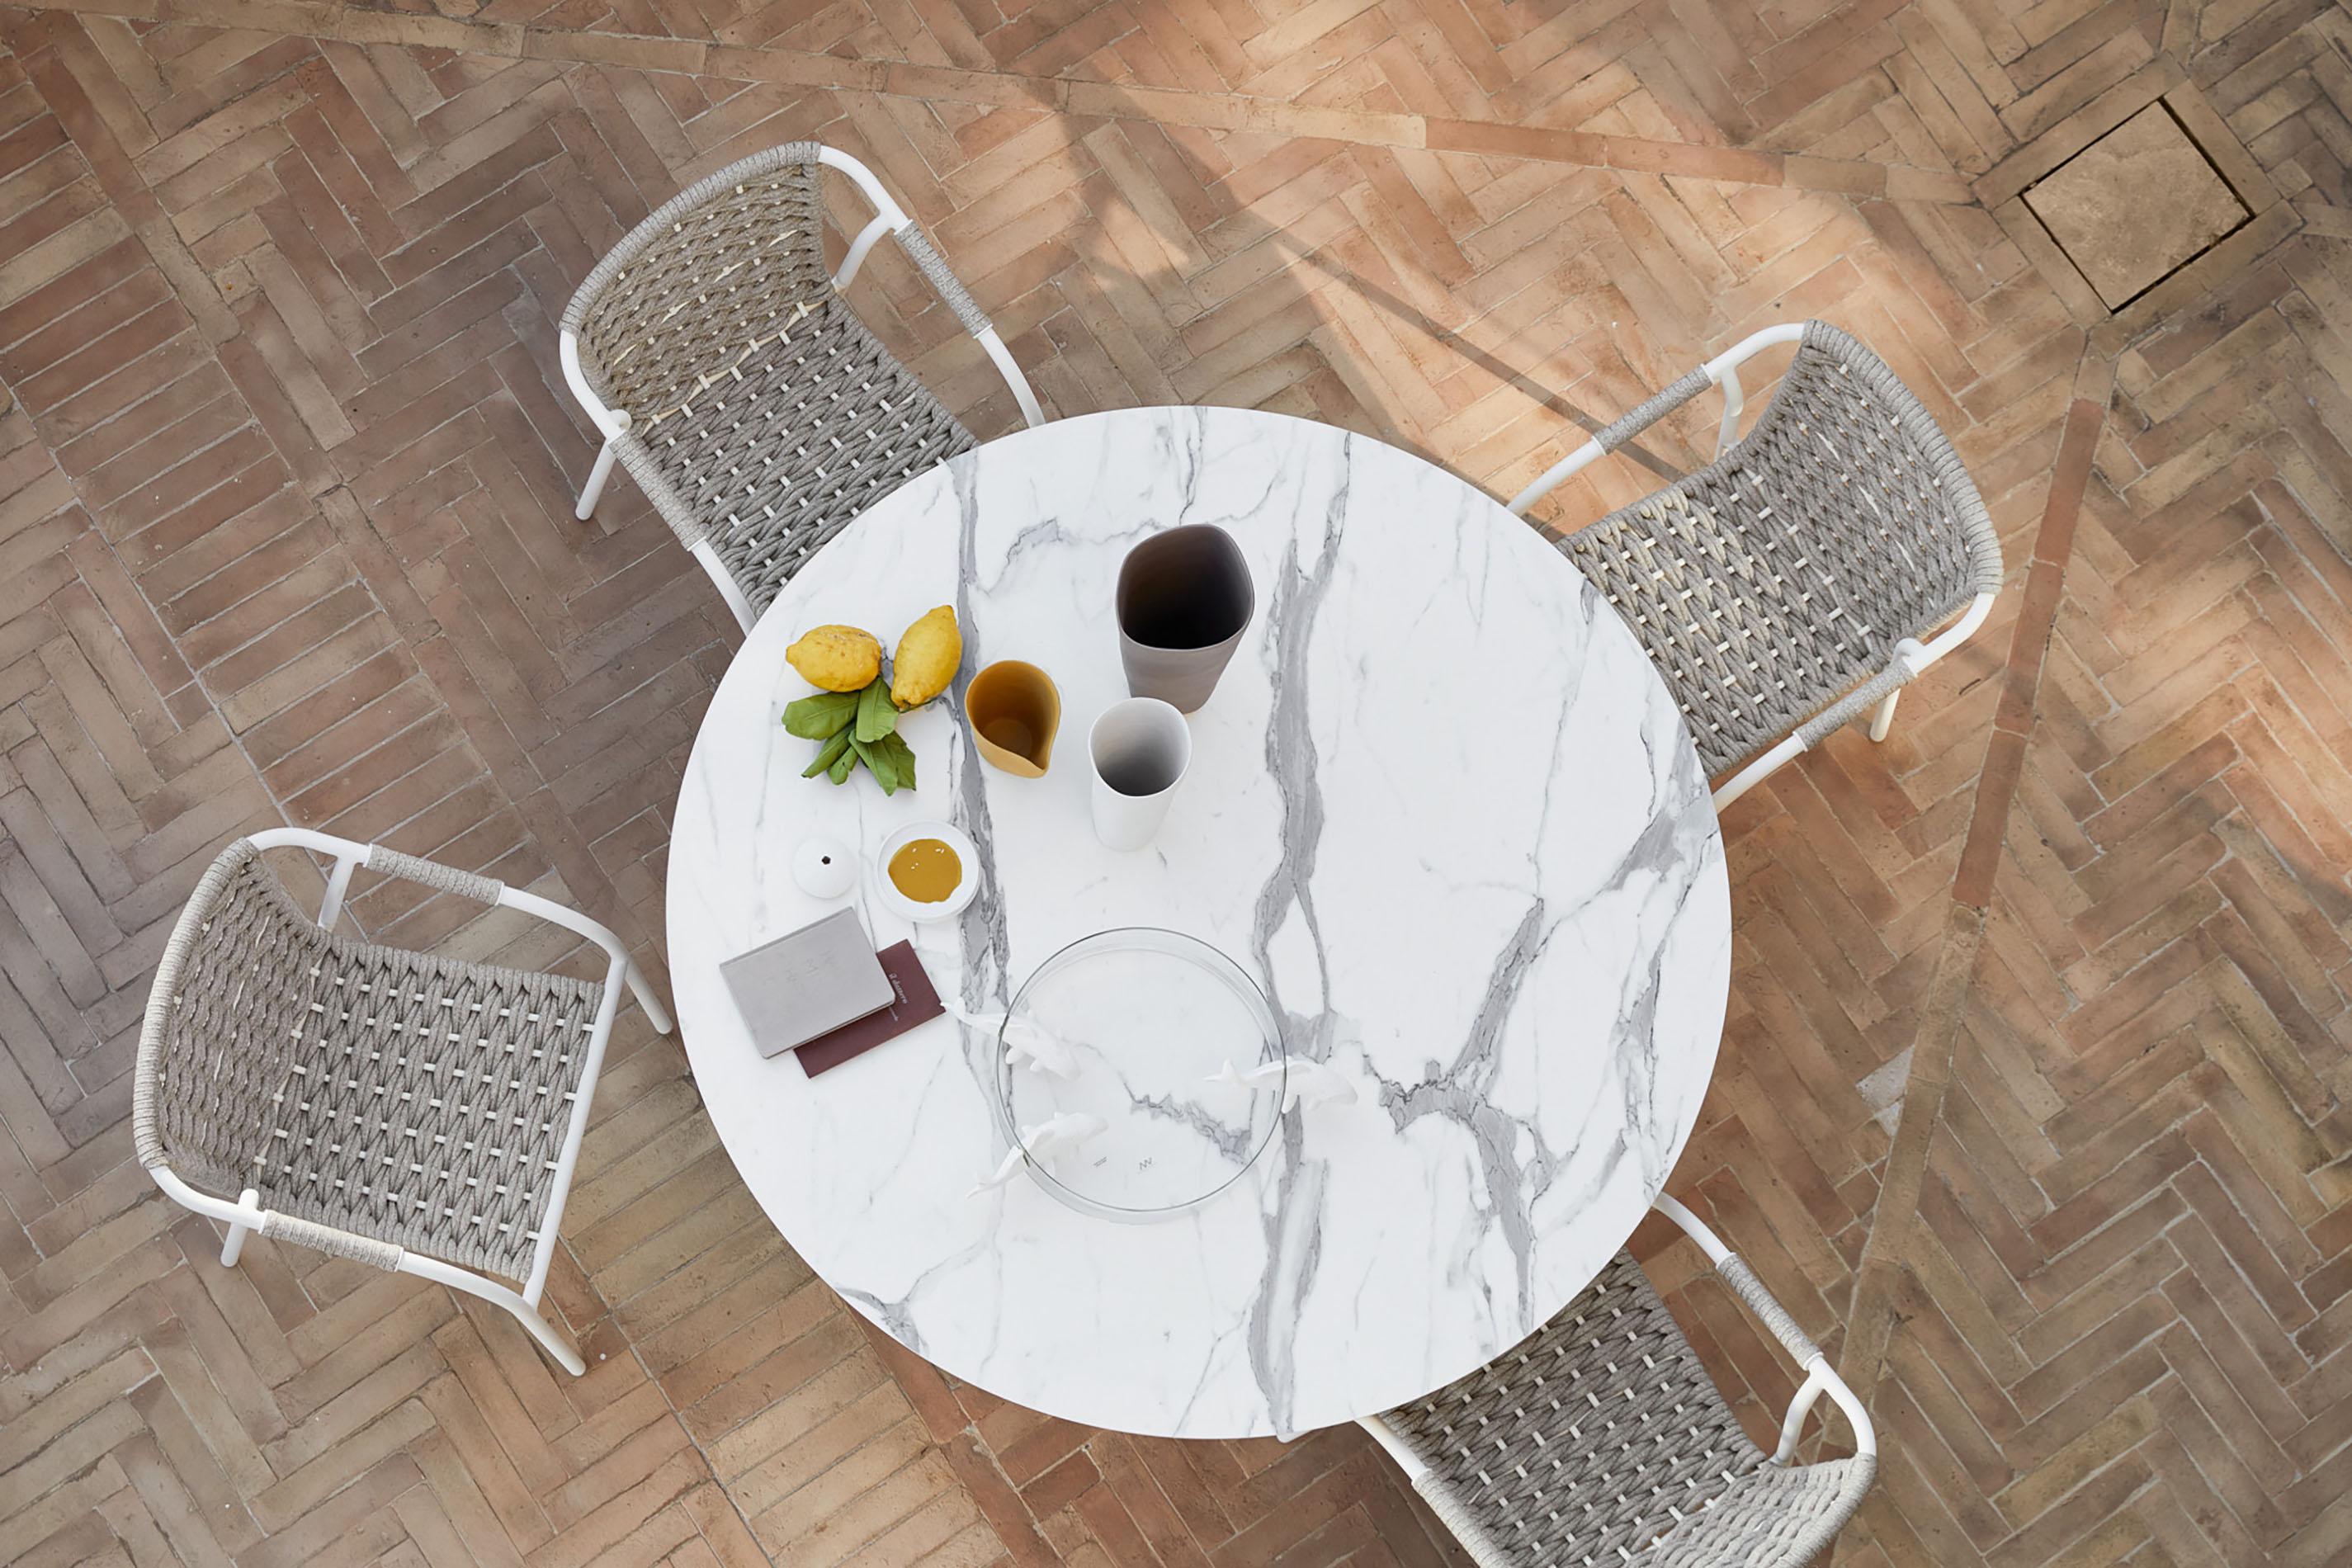 marble table for outdoor use, outdoor white marble dinning table, modern dinning table for outdoor use, marmarino trapezi exoterikou xorou, trapezi gia exoteriko xoro, luxury dinning set for outdoor use,